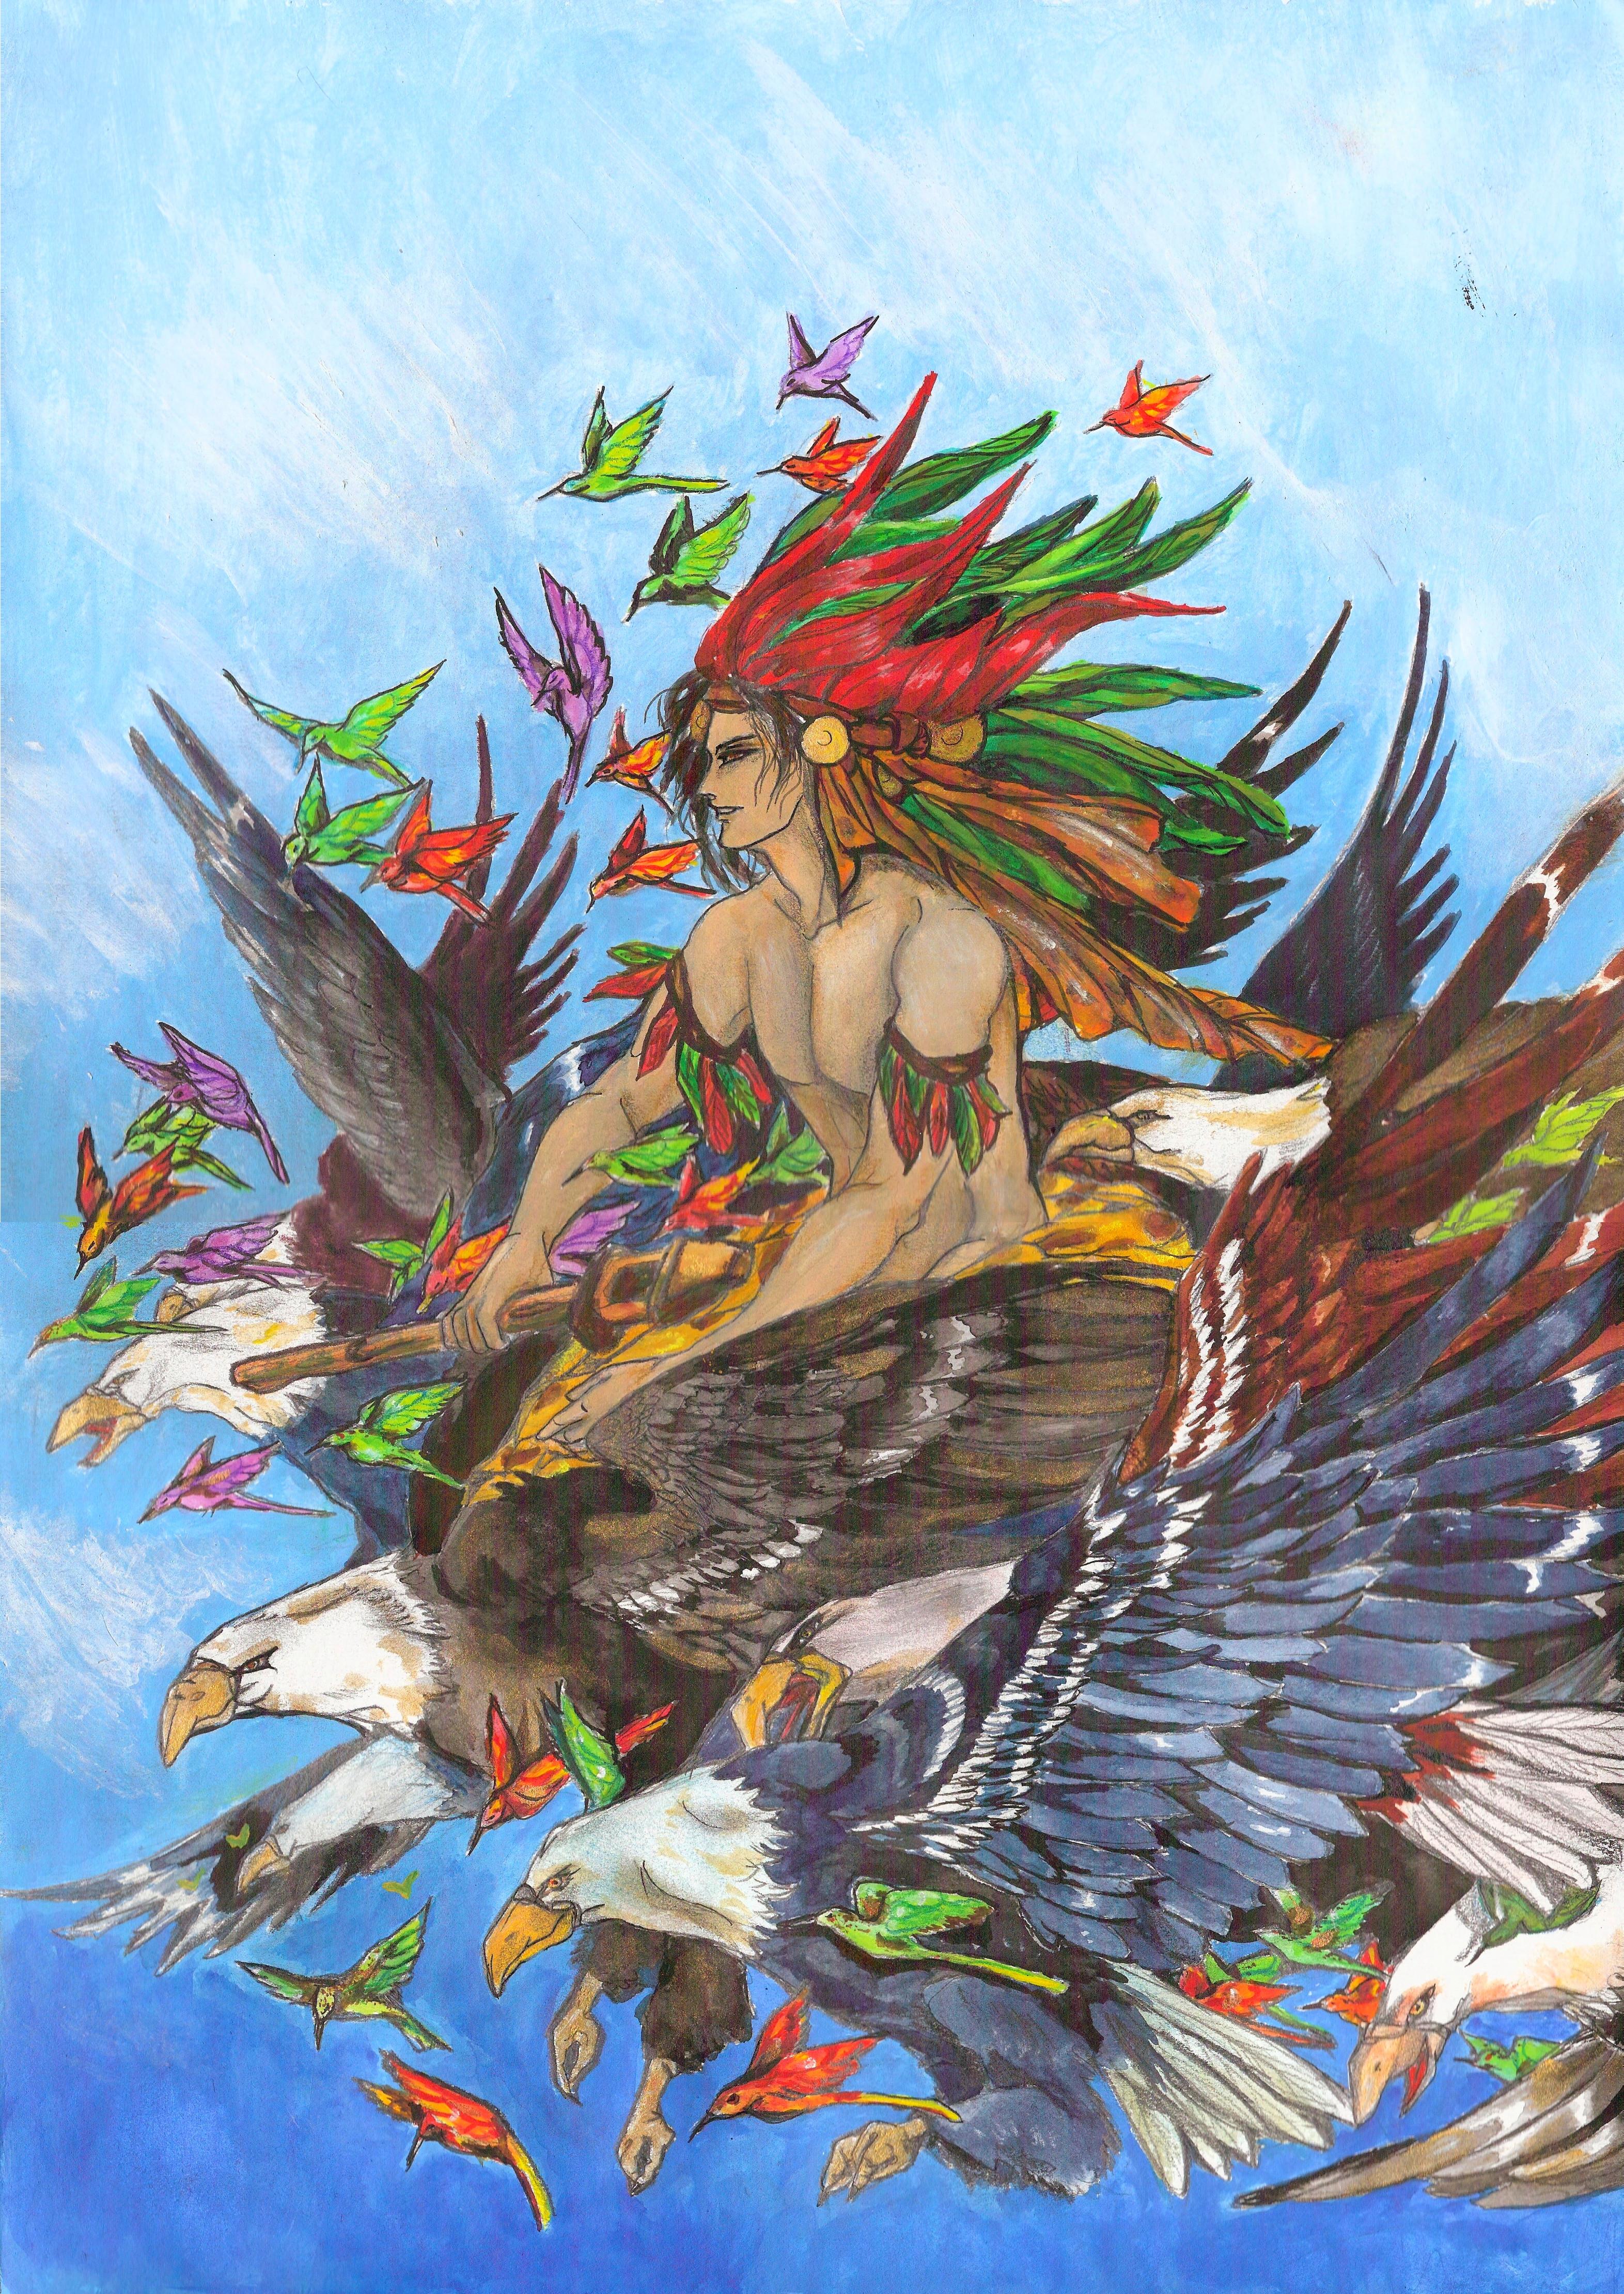 Il dio azteco Huitzilopochtli, colui che nasce, lotta e muore ogni giorno